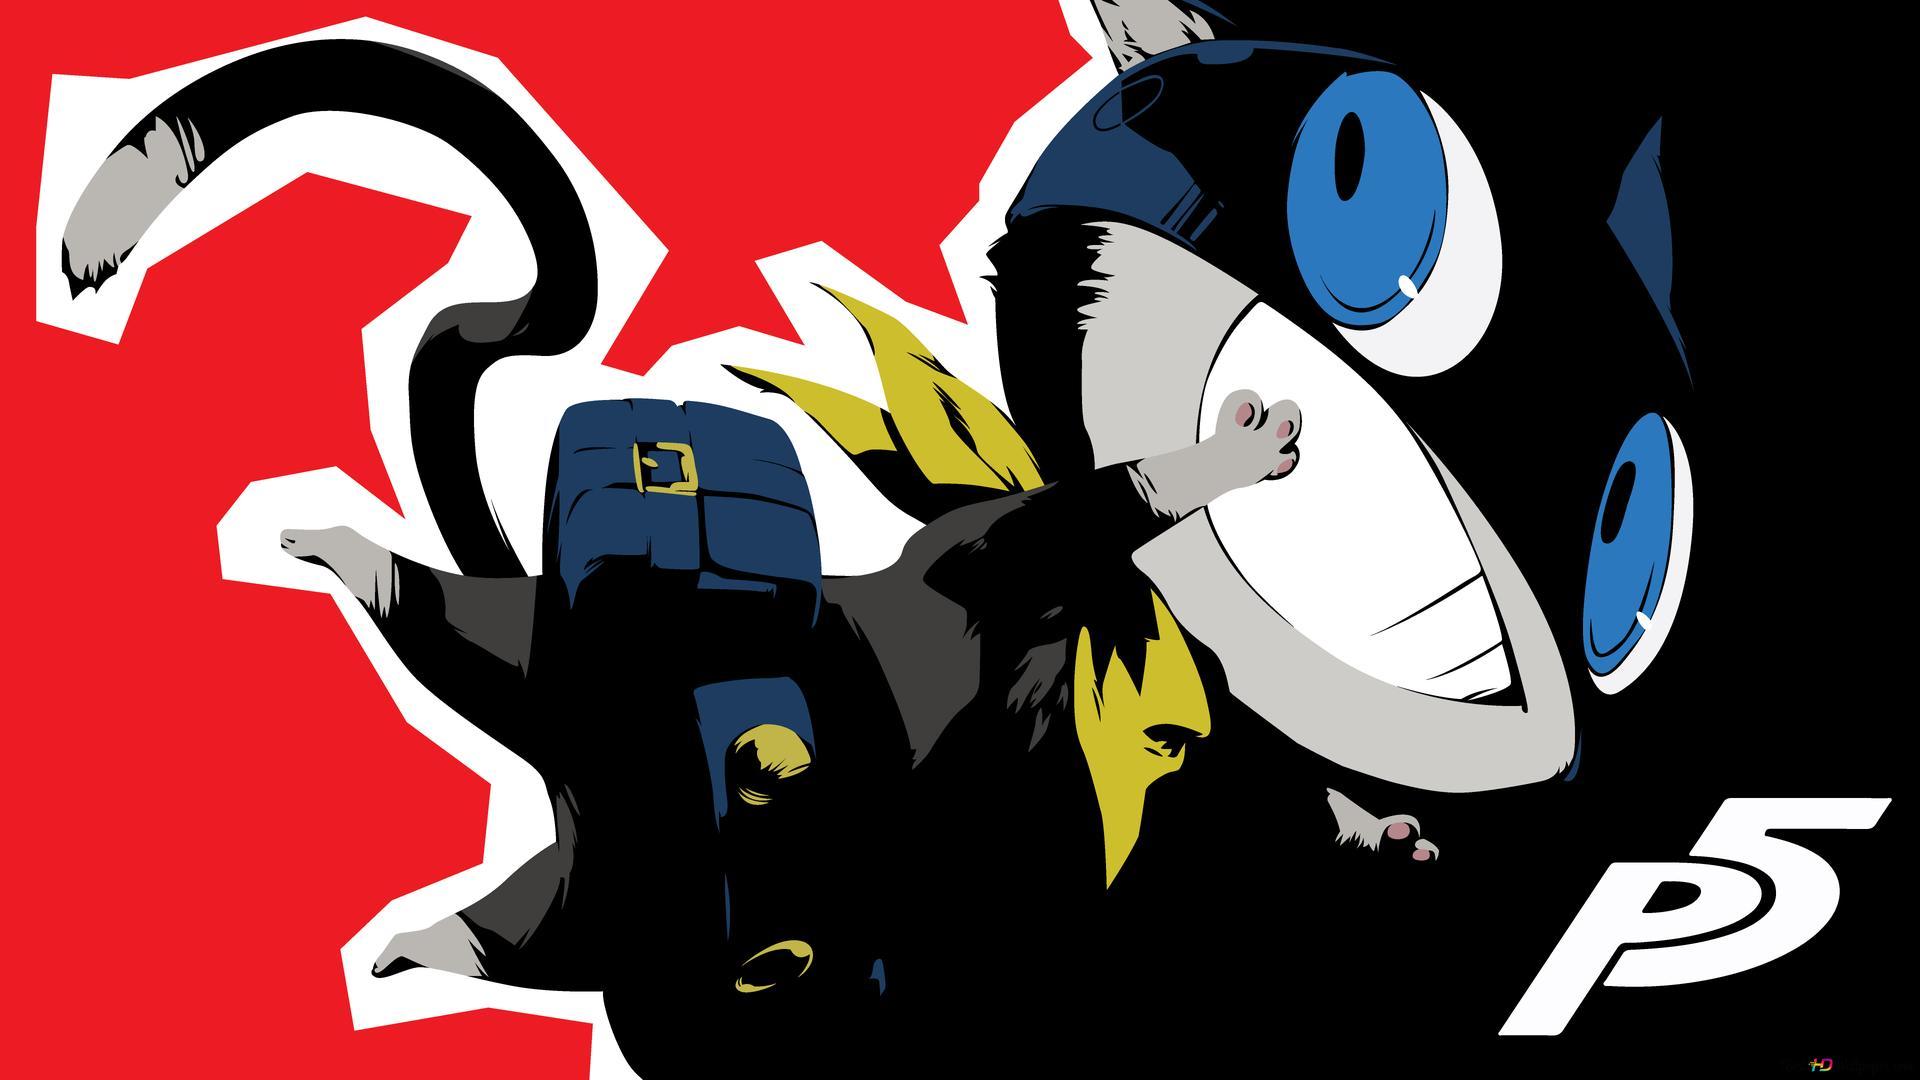 Persona 5 Hd Wallpaper Download